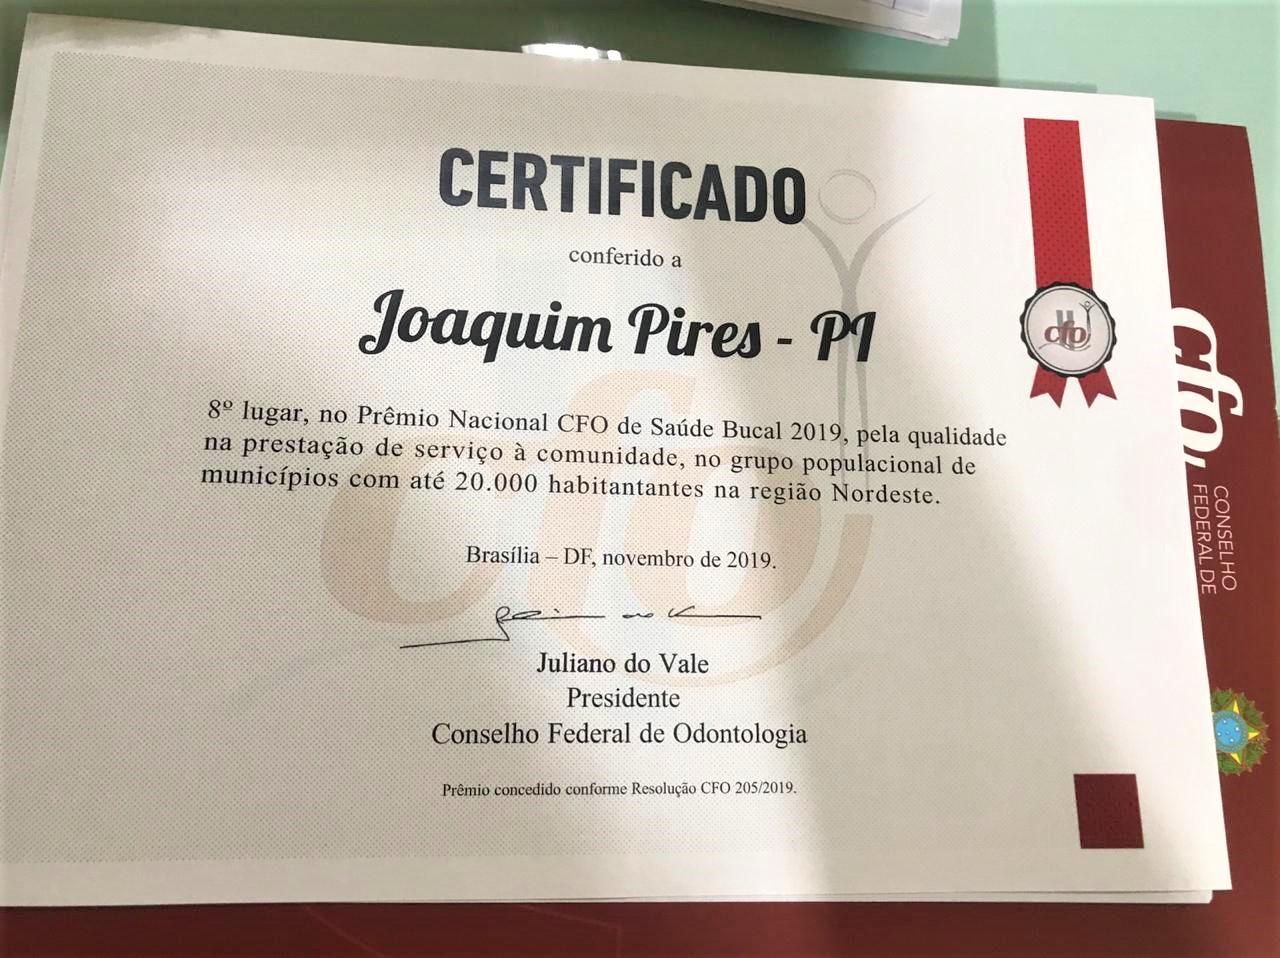 Joaquim Pires é certificado com Prêmio Nacional CFO de Saúde Bucal - Imagem 2